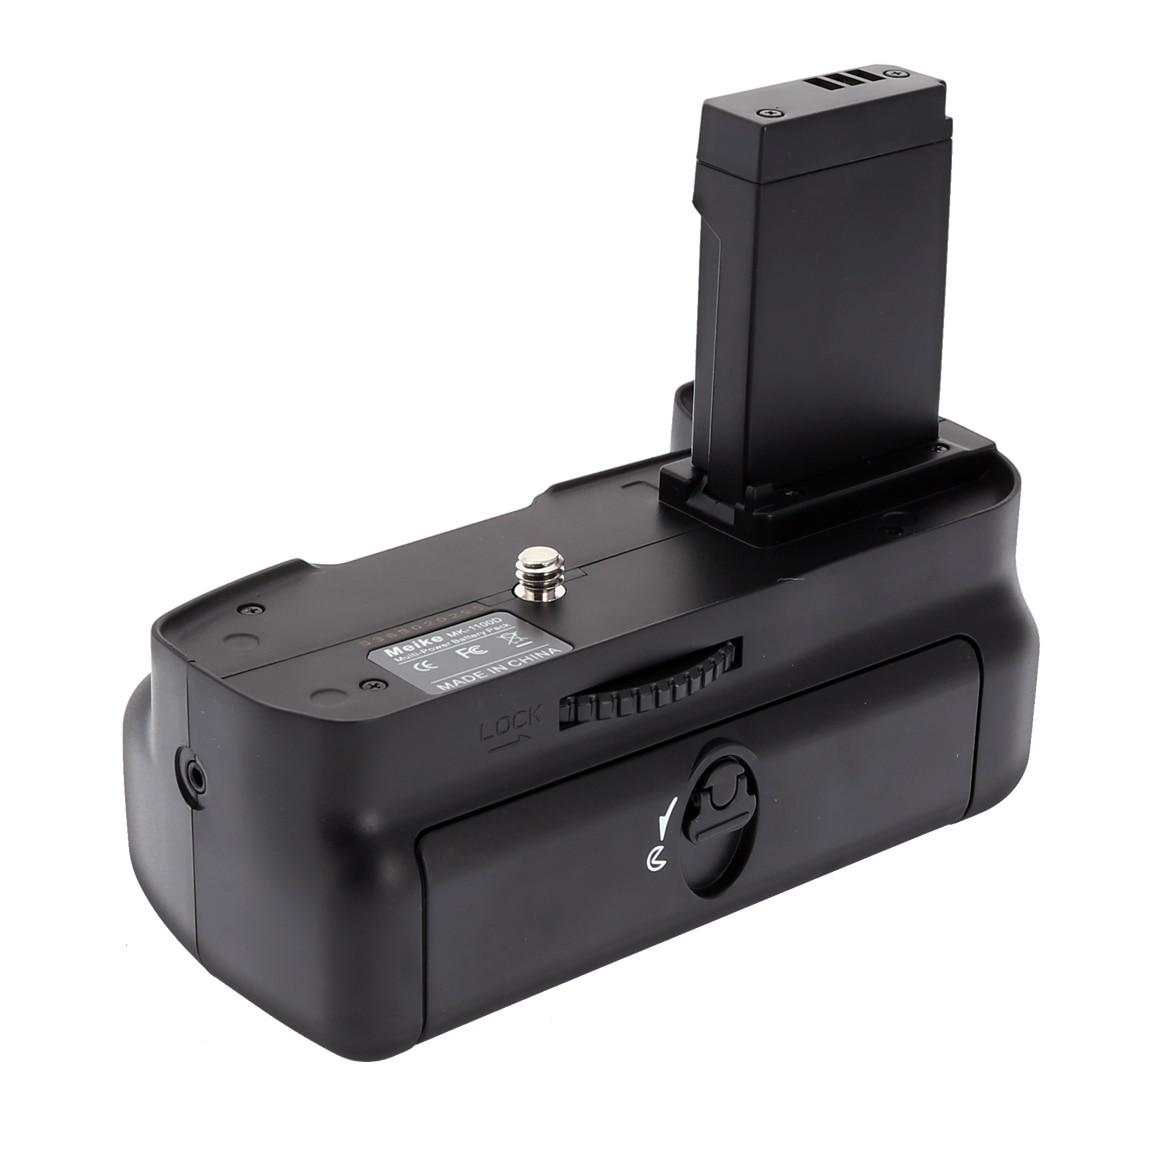 EACHSHOT poignée de batterie pour canon 1100d 1200d 1300d rebelle T3 T5 T6 EOS Kiss X50 DSLR appareil photo